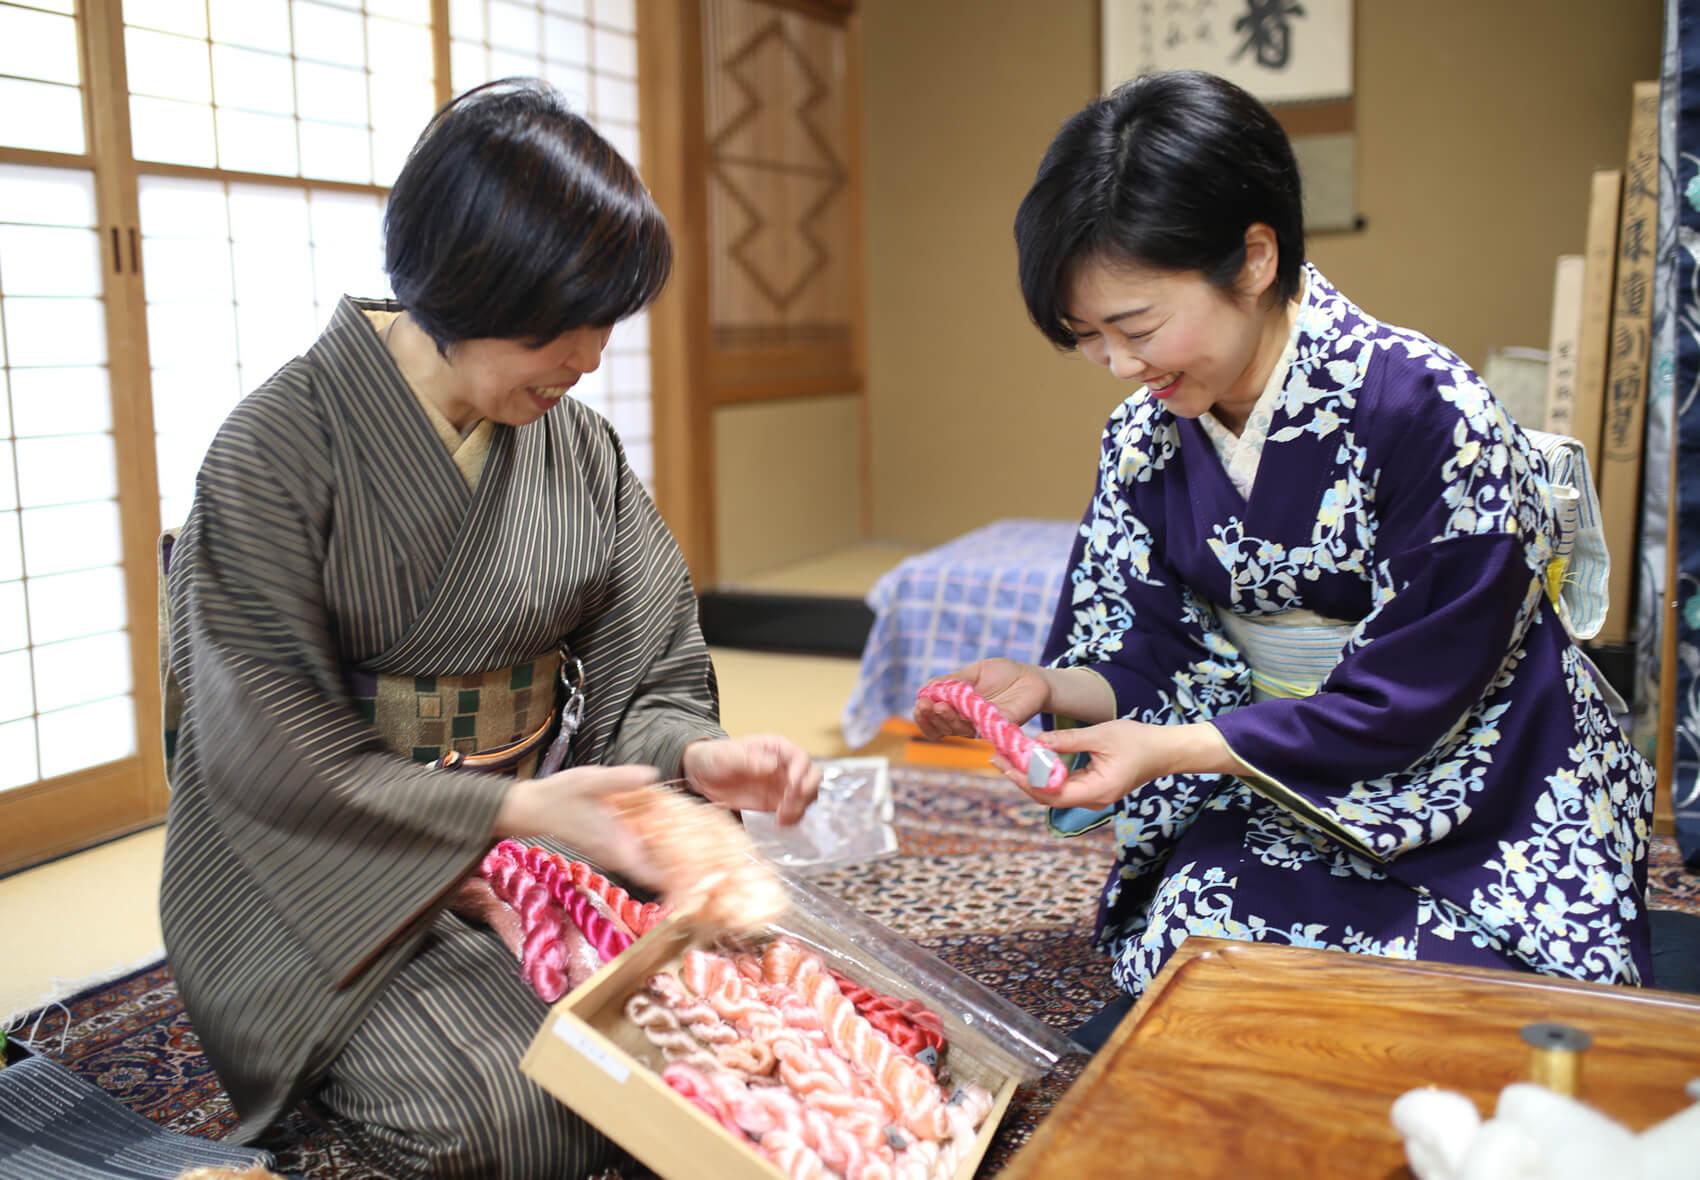 「山本呉服店さんは別注で華やかで明るい色合いが多いですね」と朱子さん。